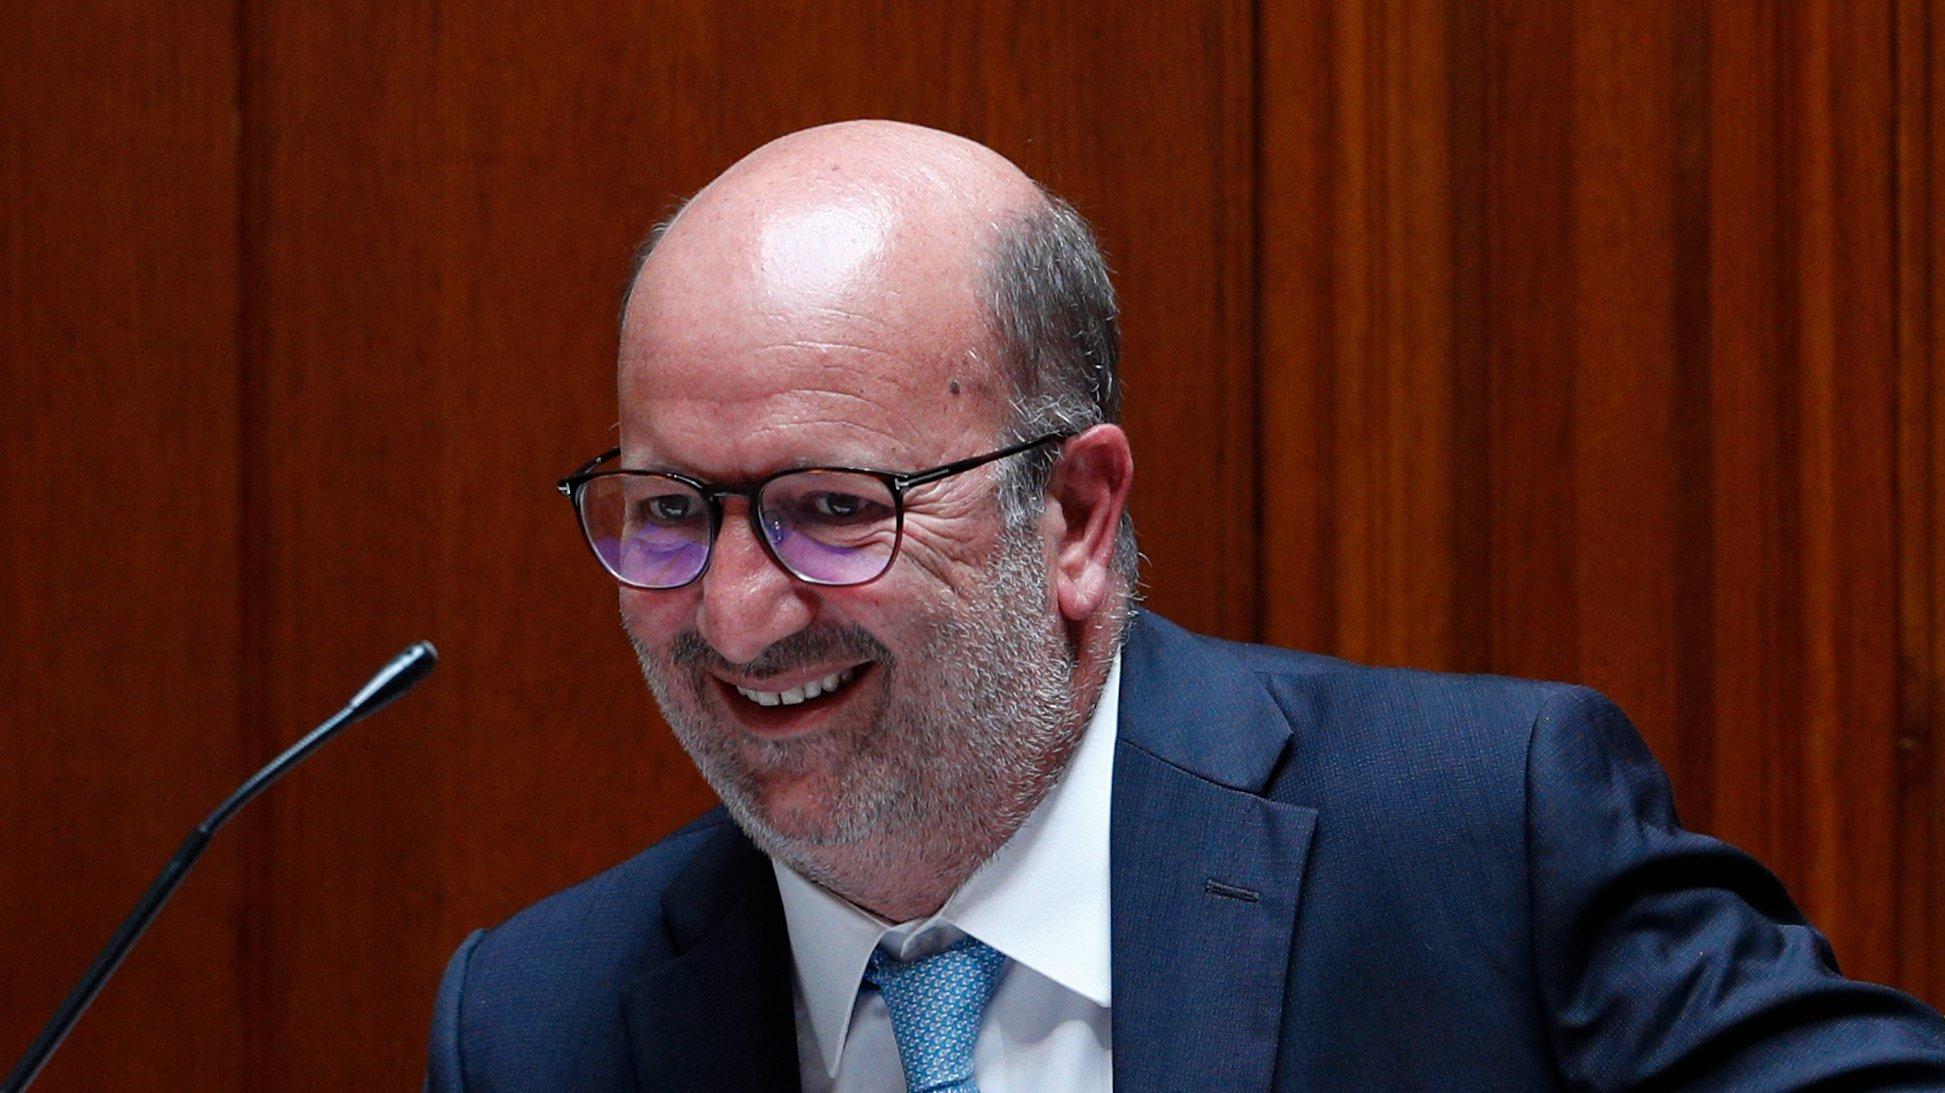 O ministro do Ambiente, João Matos Fernandes, intervêm durante o debate sobre Política Setorial, que decorreu na Assembleia da República, em Lisboa, 16 de junho de 2021. ANTÓNIO COTRIM/LUSA